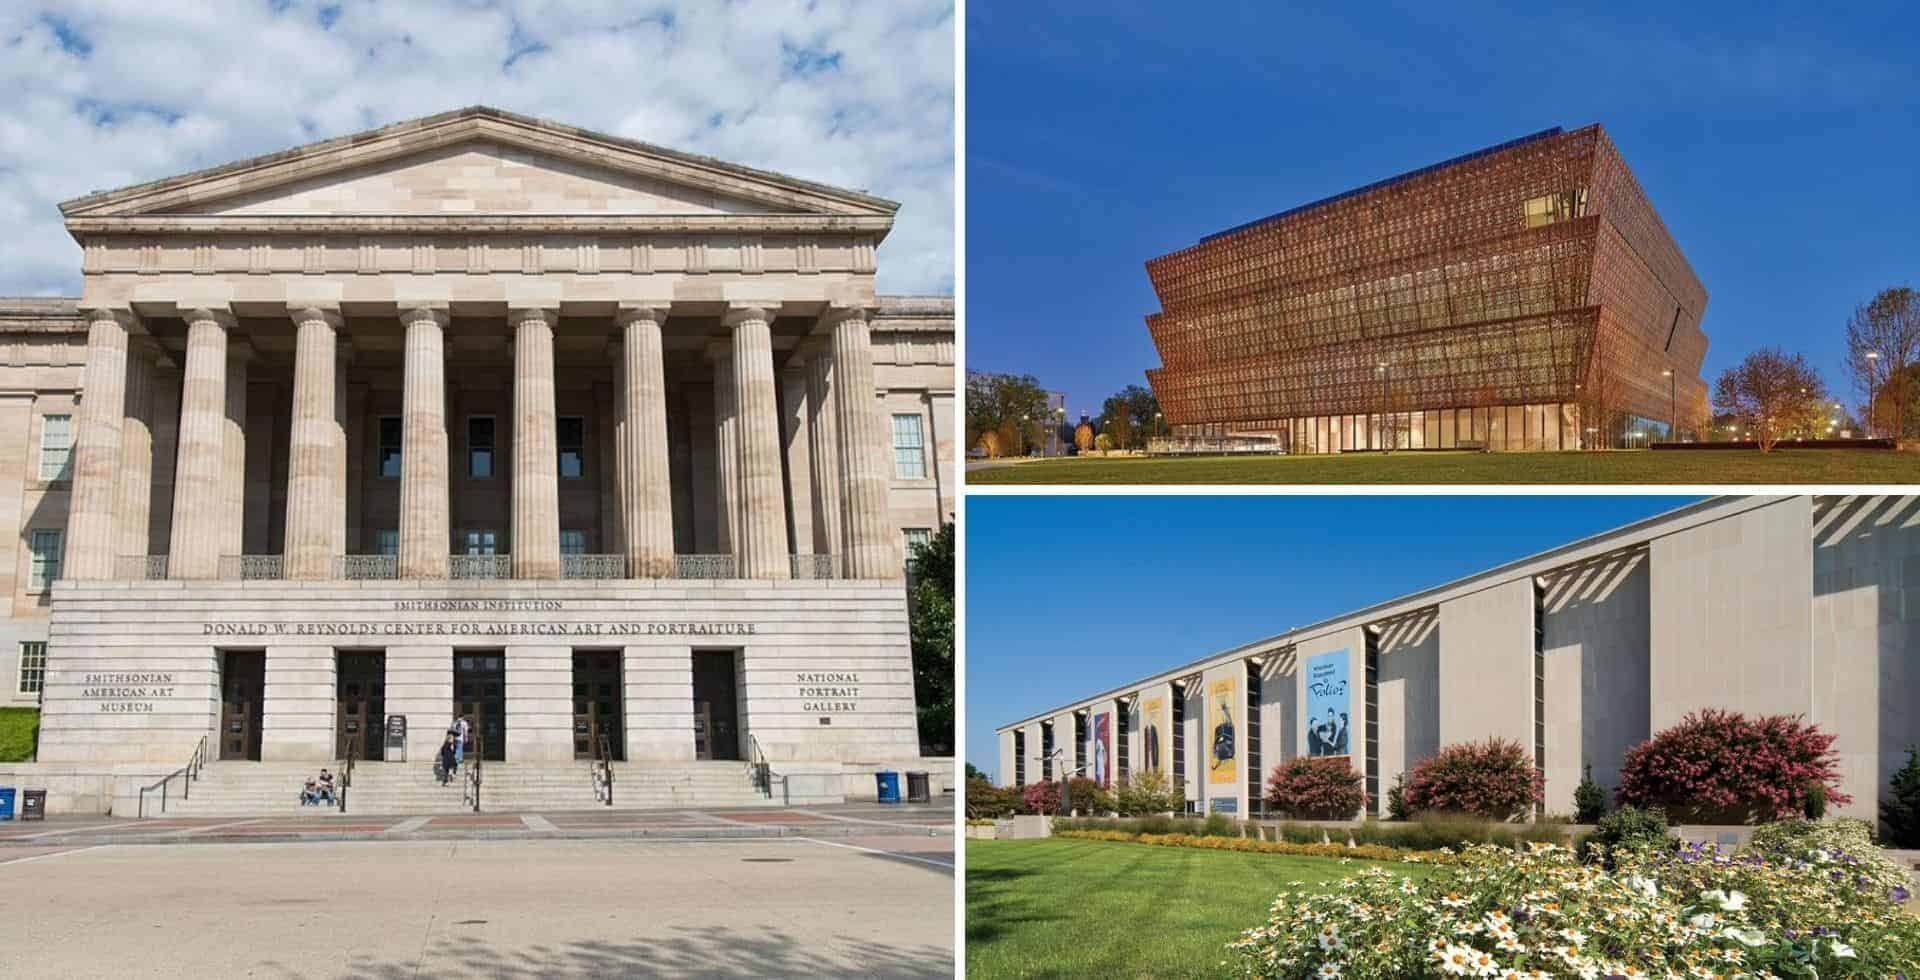 Estados Unidos: 7 museos smithsonianos y el Zoológico Nacional volverán a abrir sus puertas al público a partir de Mayo